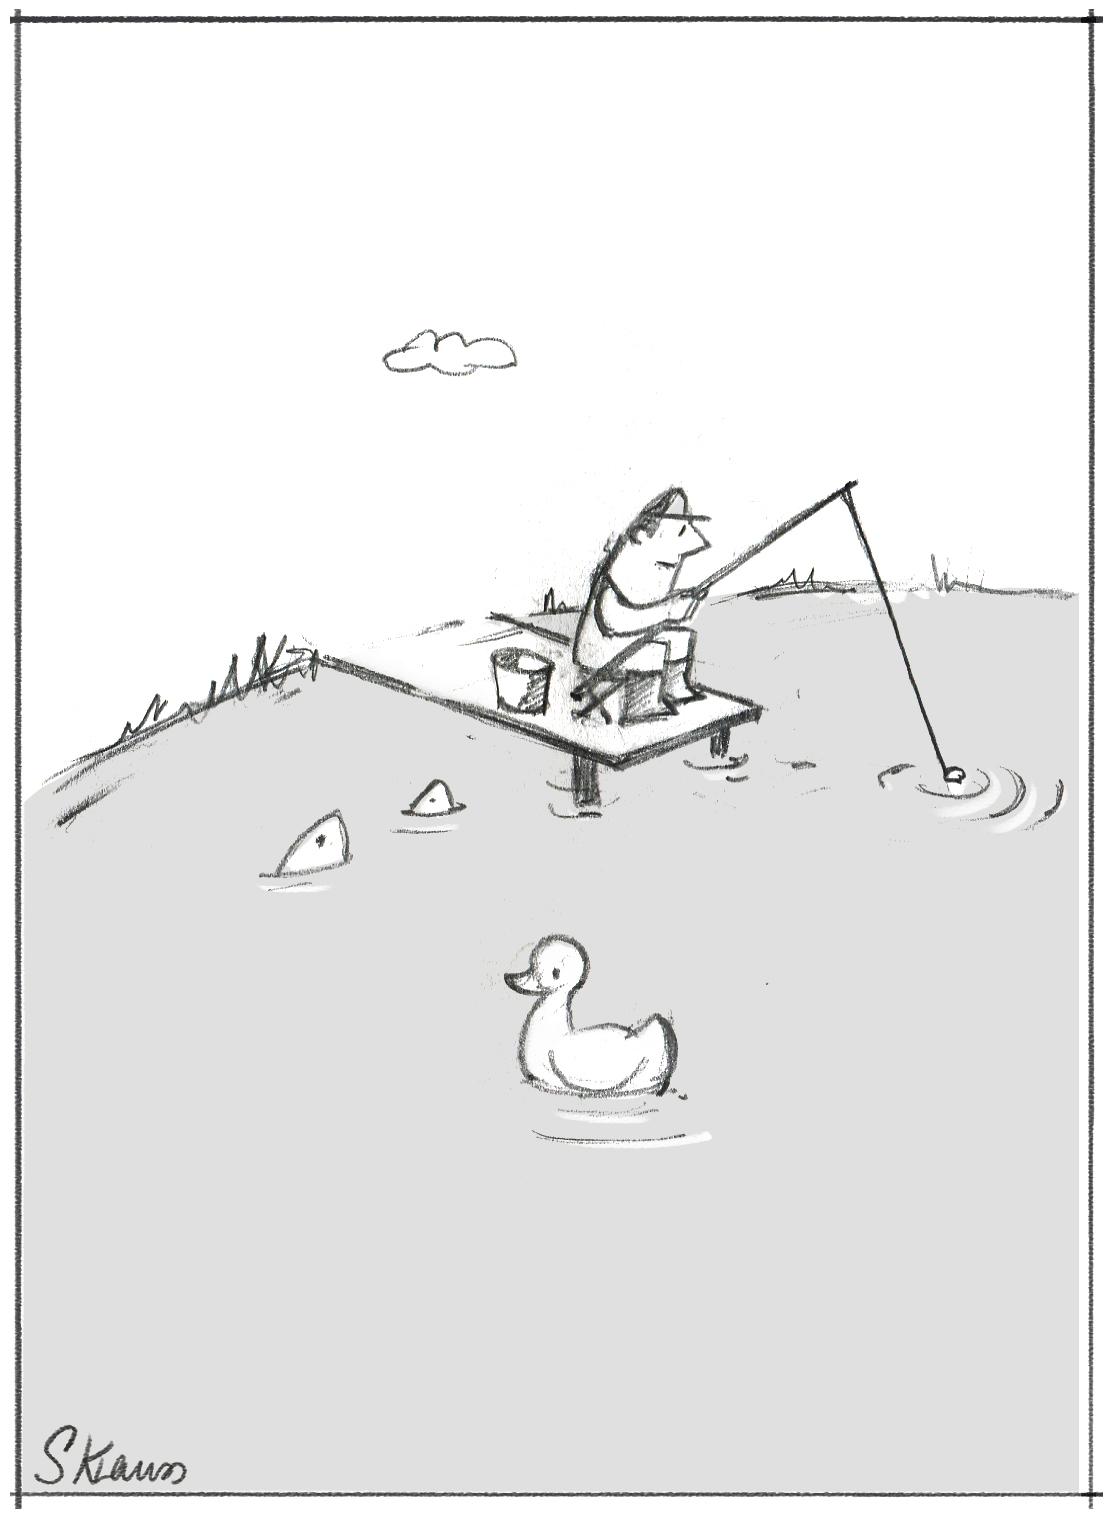 Das Bild zeigt einen Angler, der im Trüben fischt. Weil Eignungsdiagnostik hilft, die richtigen Mitarbeiterinnen und Mitarbeiter zu identifizieren, illustriert das Bild wie ein Chef ohne gute Personalauswahl sich verhält: Er fischt imTrüben.